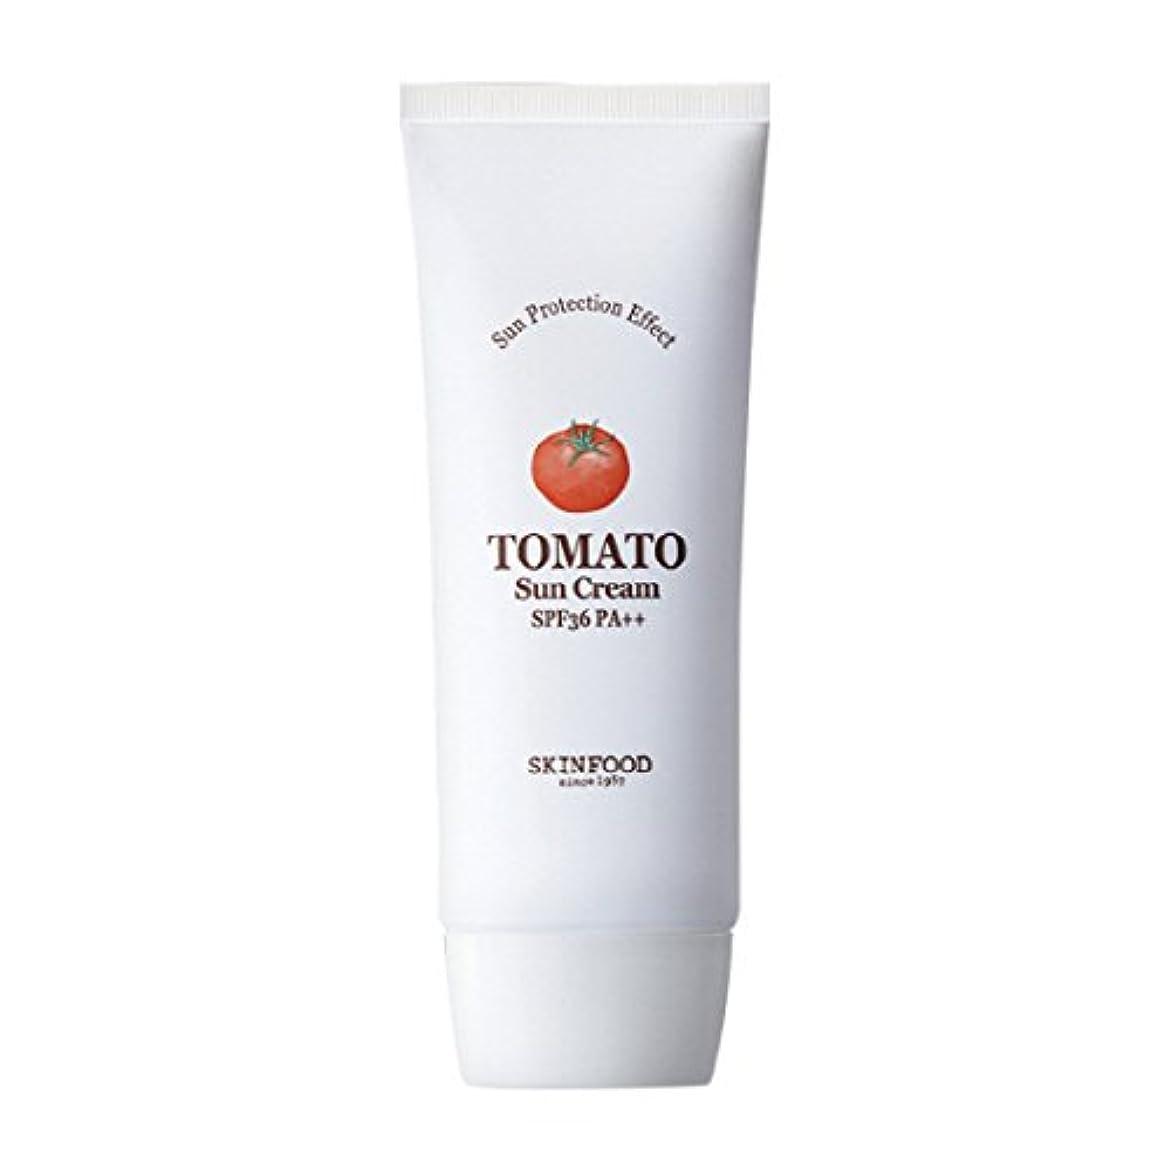 正義華氏実行Skinfood トマトサンクリームSPF 36 PA ++(UVプロテクション) / Tomato Sun Cream SPF 36 PA++ (UV Protection) 50ml [並行輸入品]